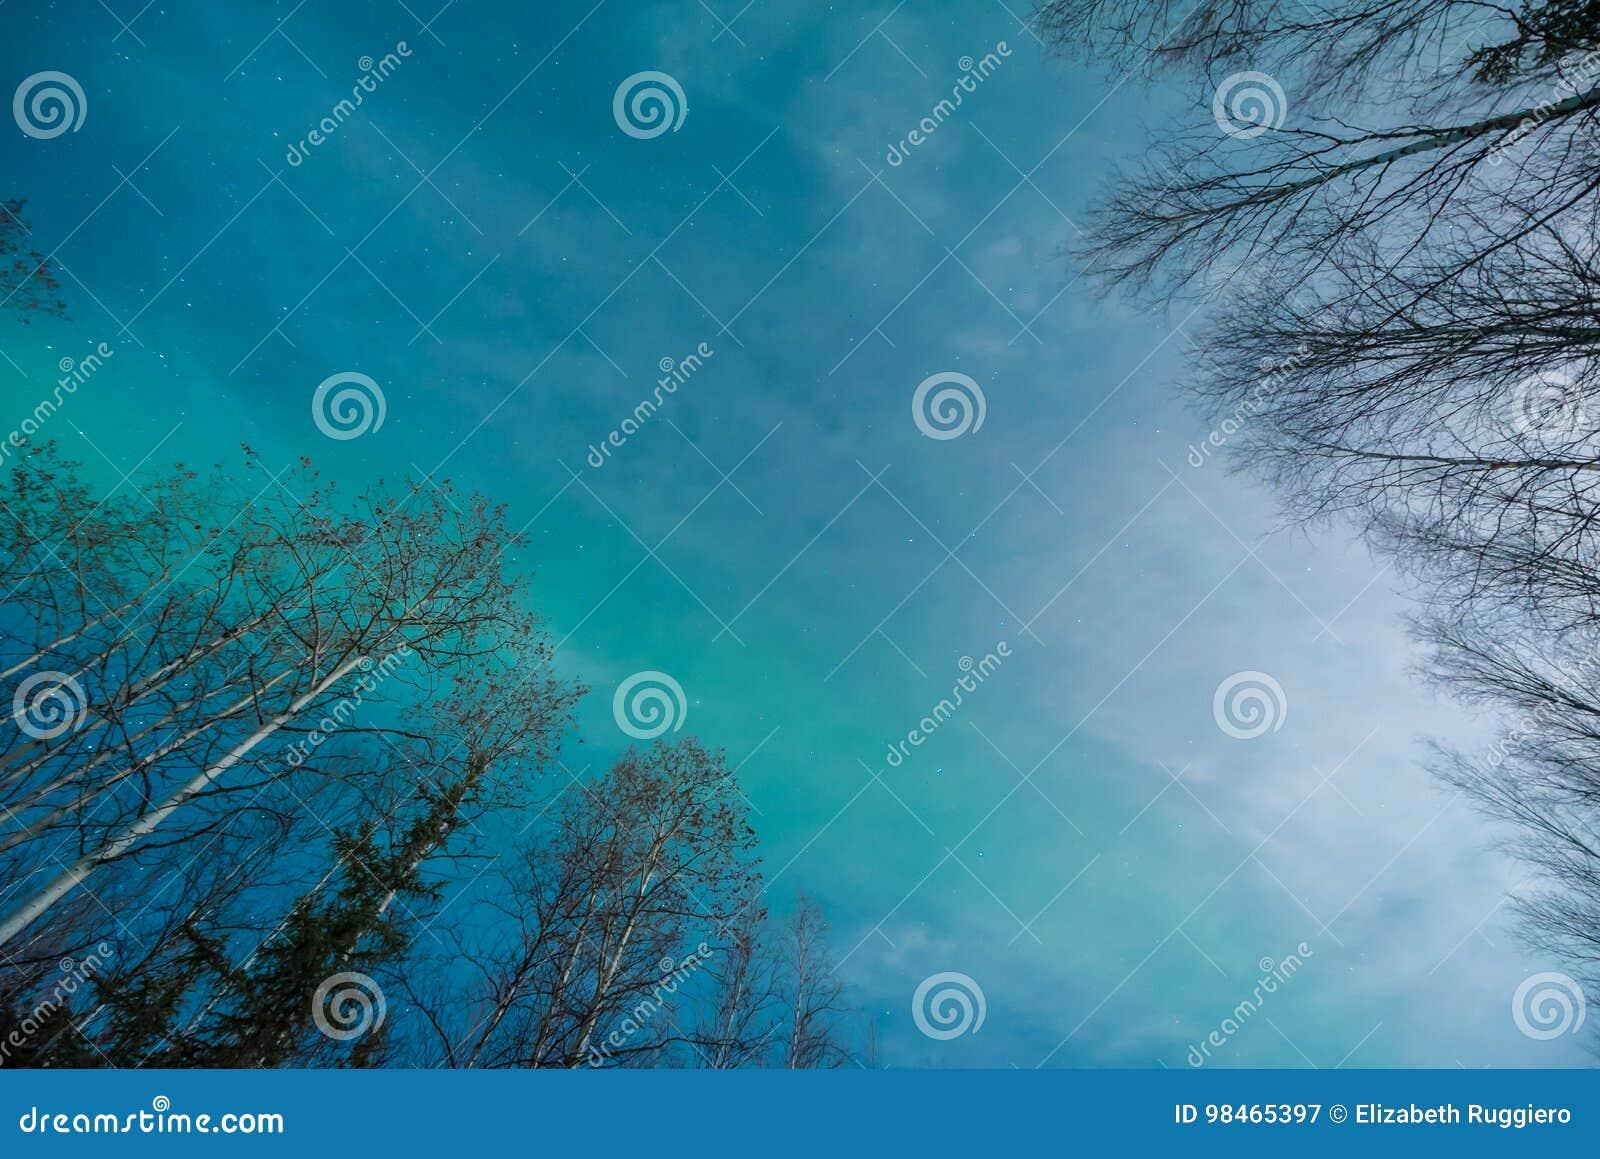 Abstrakt begrepp av det gröna norrskenet och silhouetted träd för vit björk